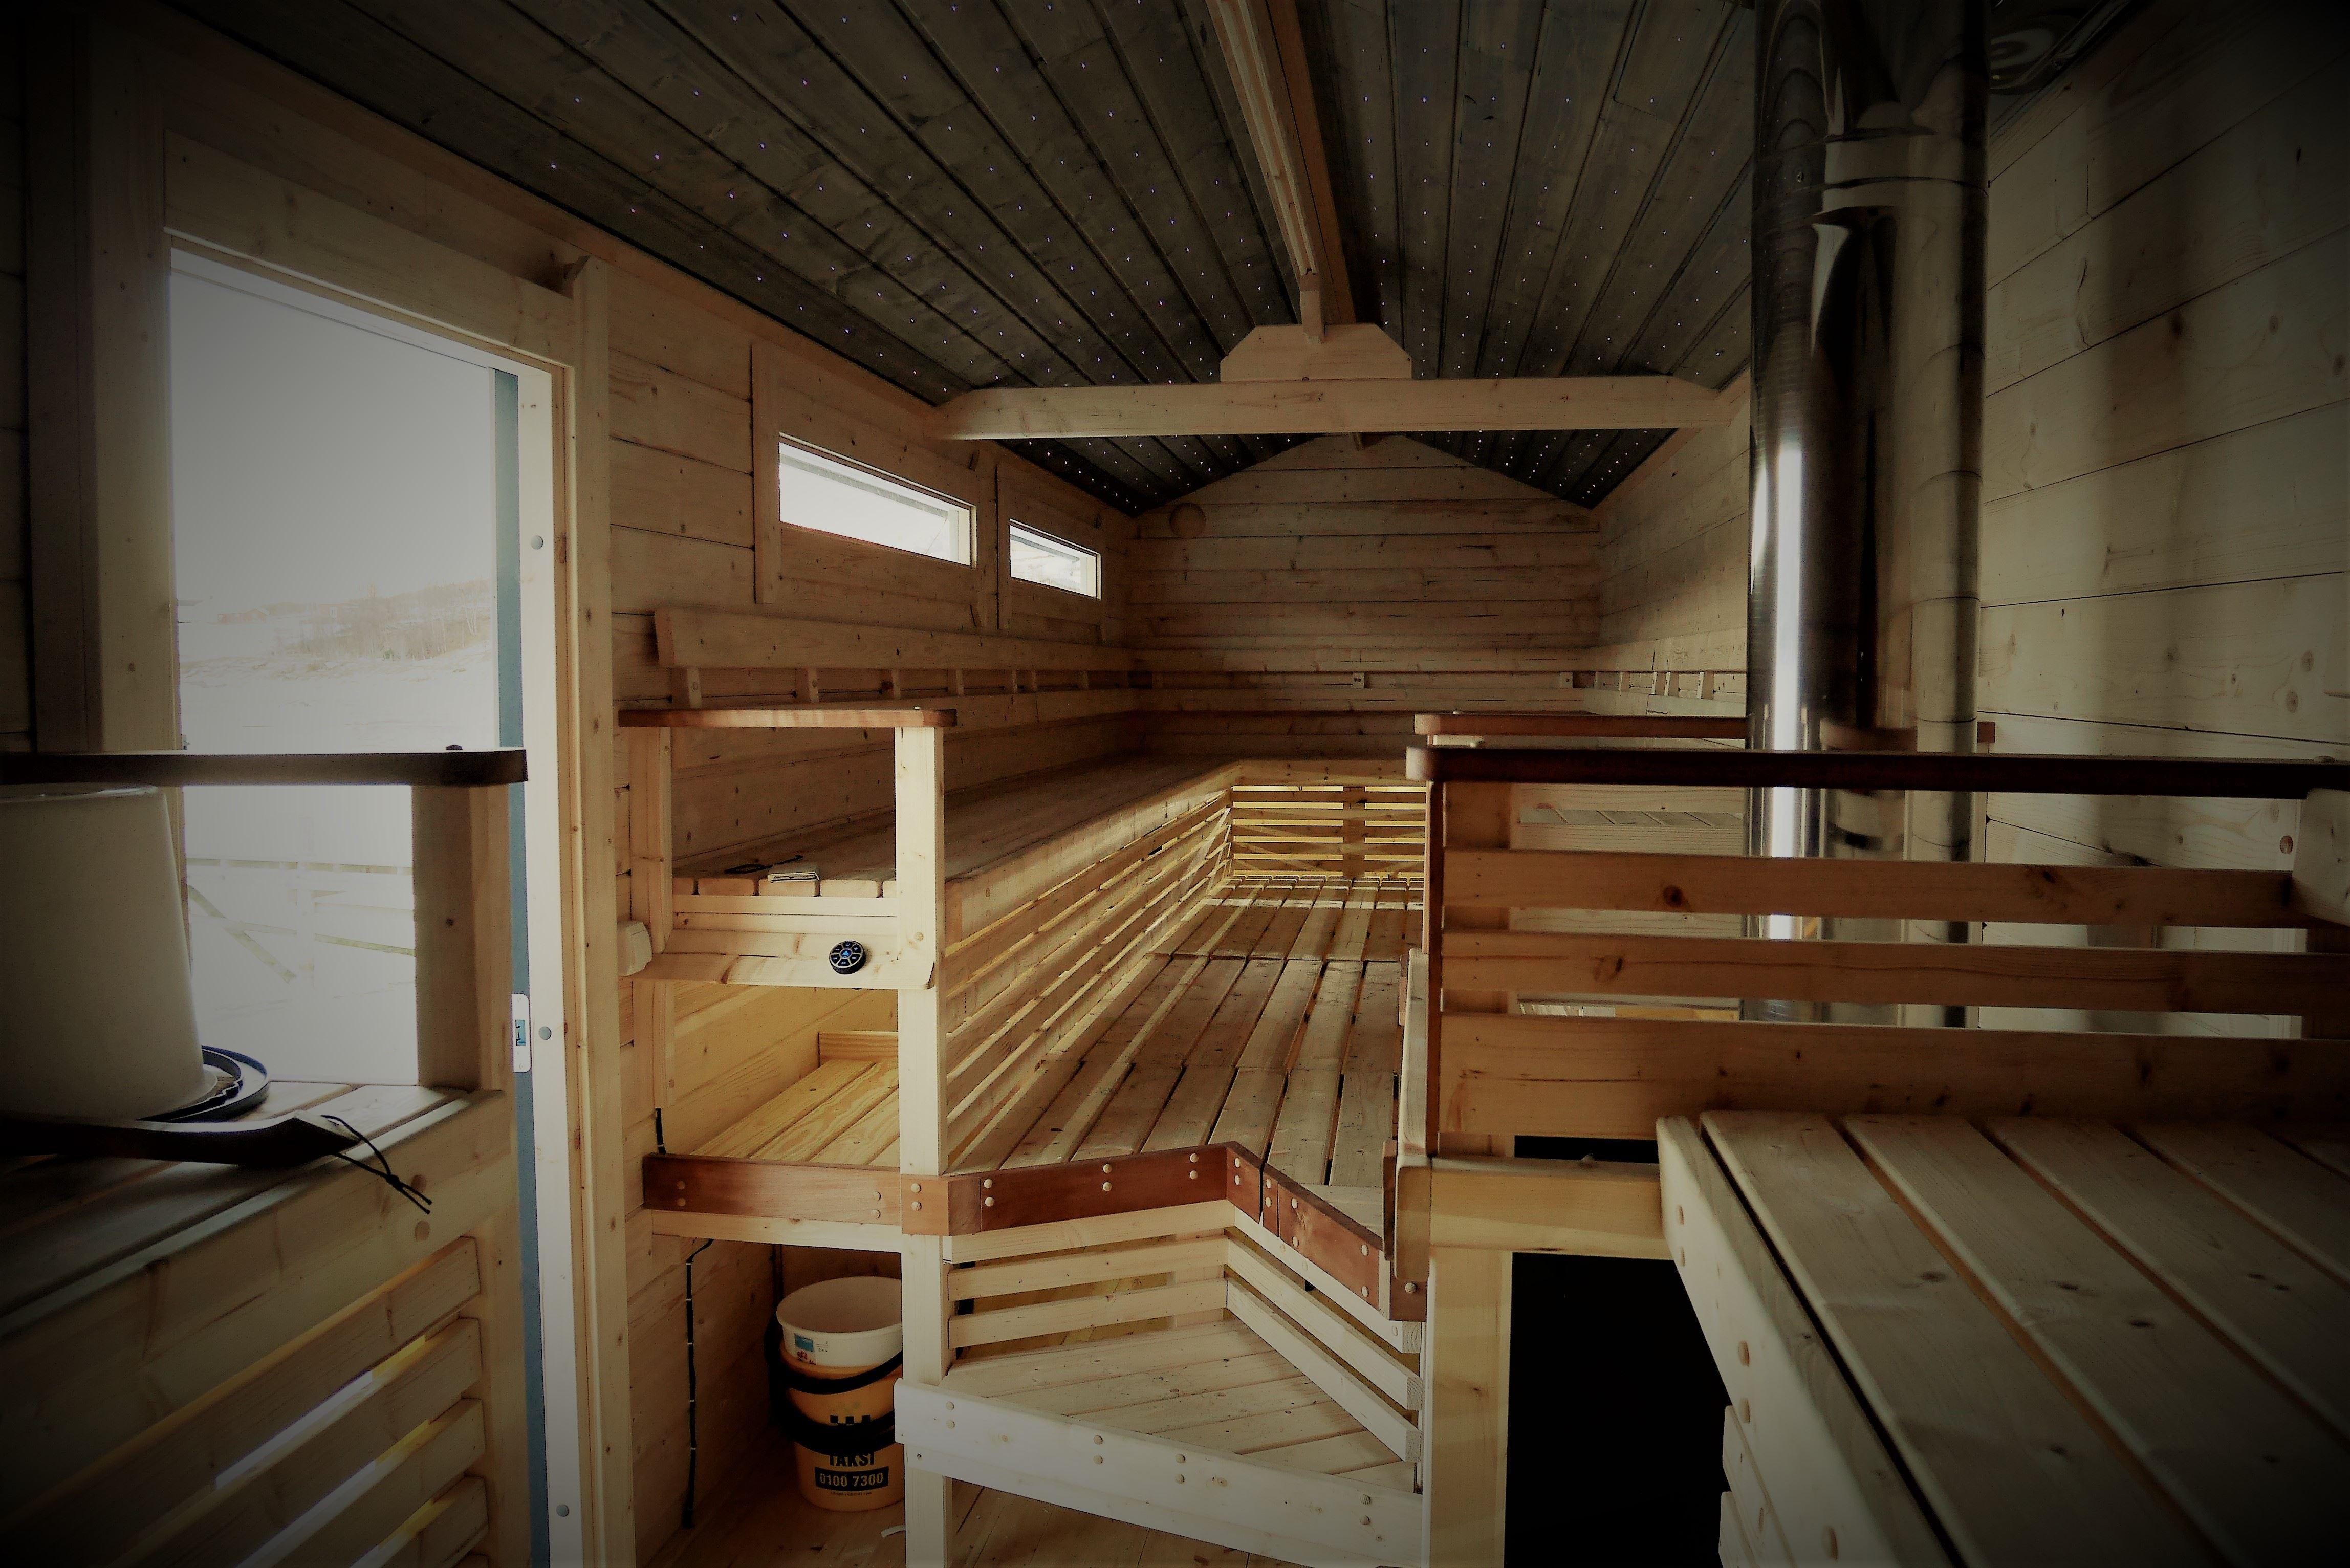 Arktisk svømming og sauna - Lyngen Tourist